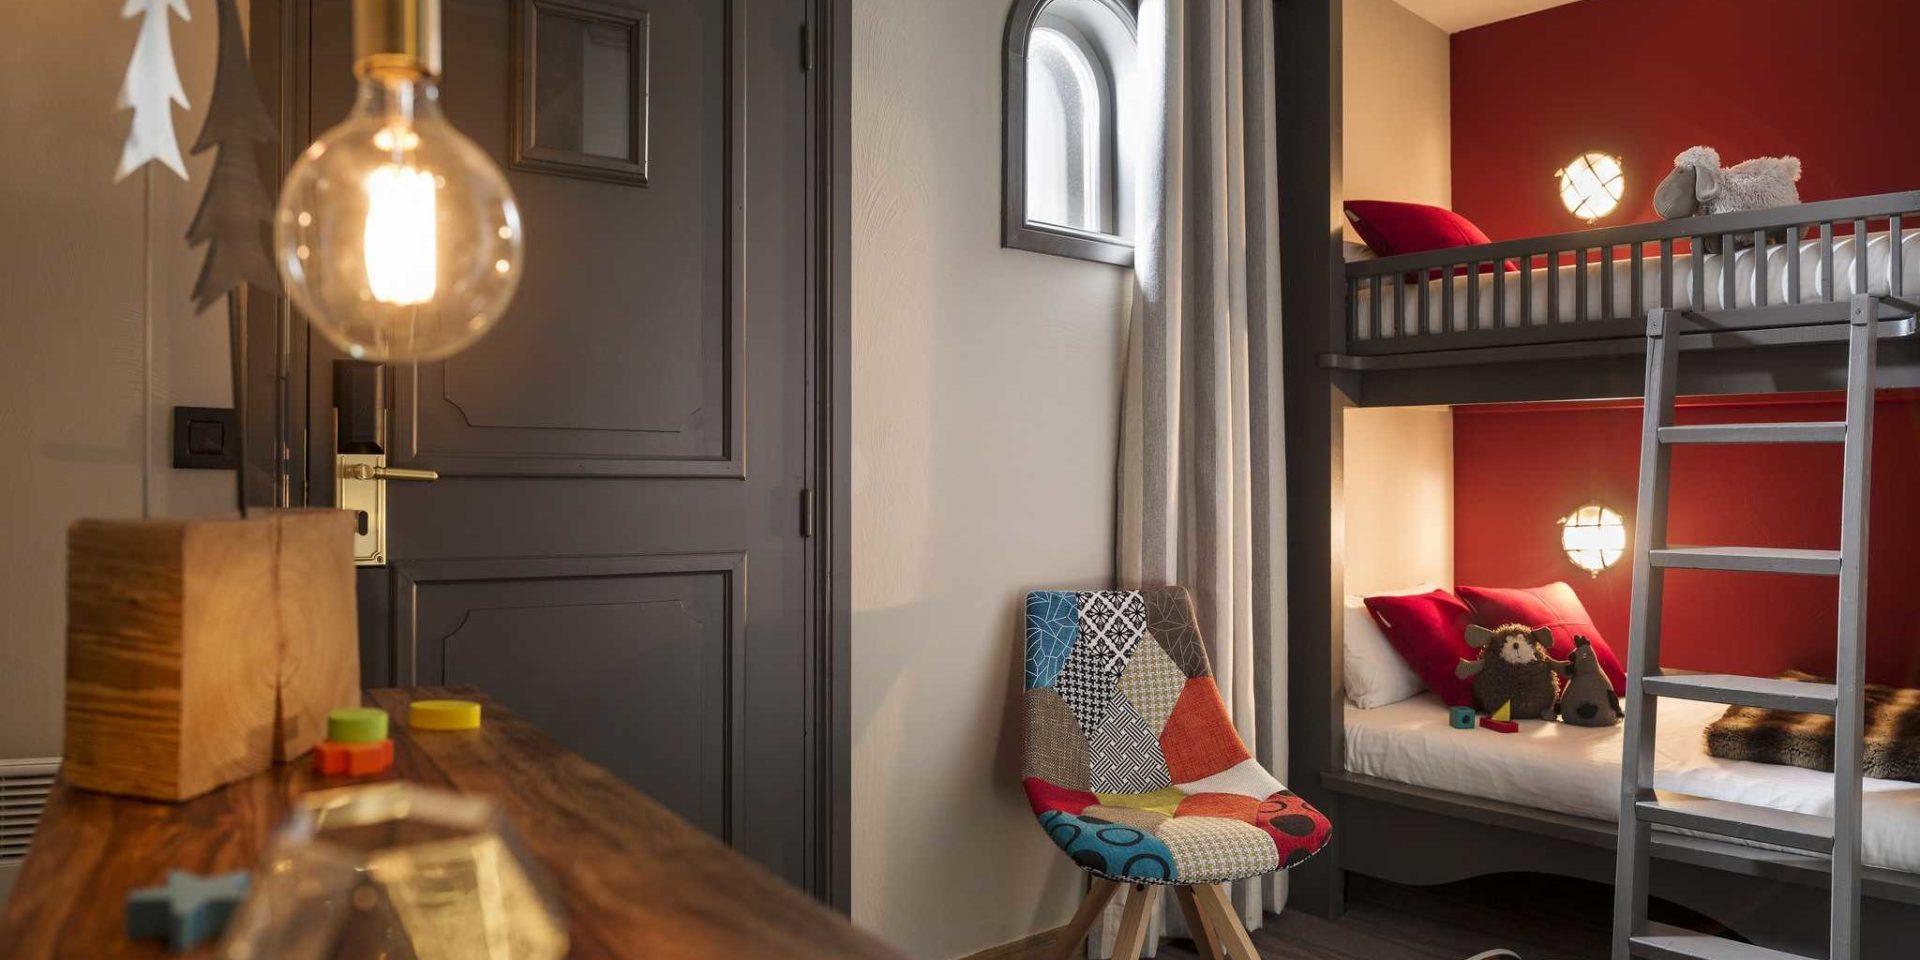 Hotel Village Montana Tignes Tignes-Val d'Isere Frankrijk wintersport skivakantie luxe slaapkamer stapelbed rode muur rode kussens knuffels speelgoed kinderkamer gekleurde stoel lamp trap